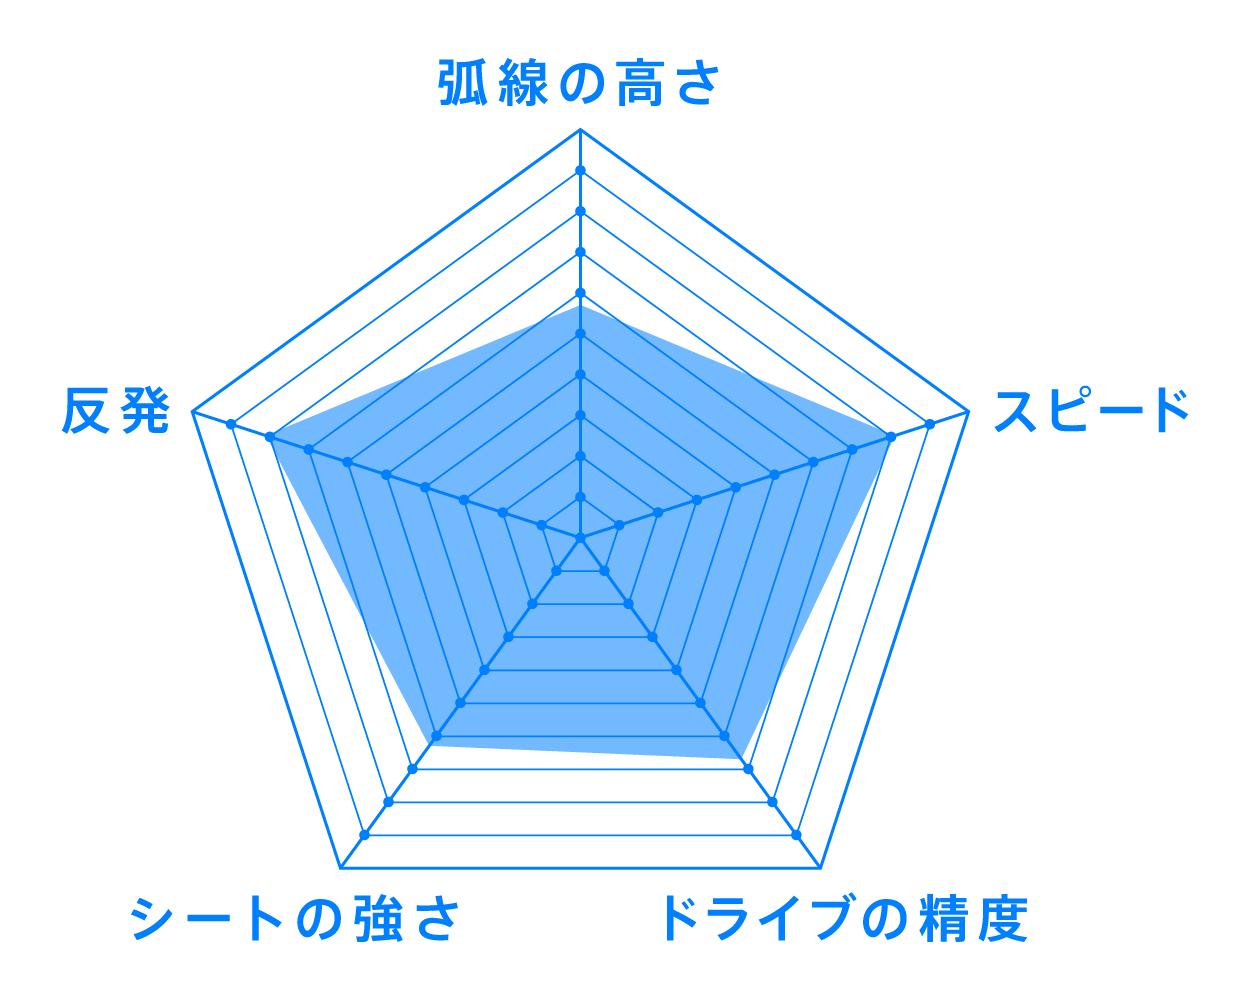 07シリーズ レギュラー VJ>07 Regular ラバー 性能 チャート